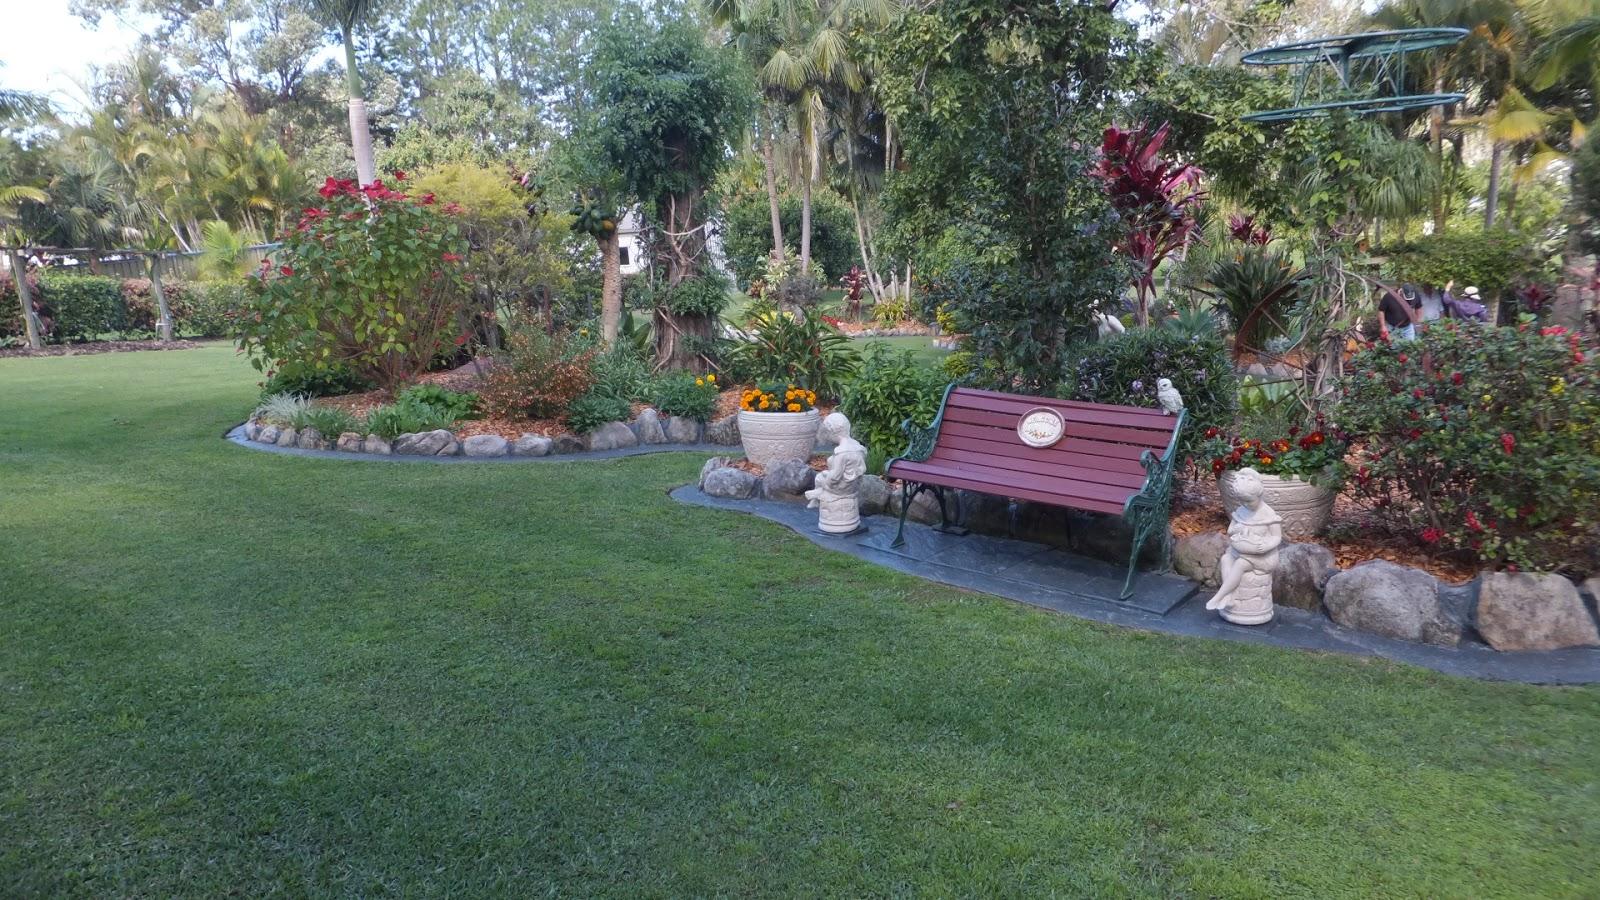 Coffs Harbour Garden Club: Winning Gardens in the 2016 Spring Garden ...